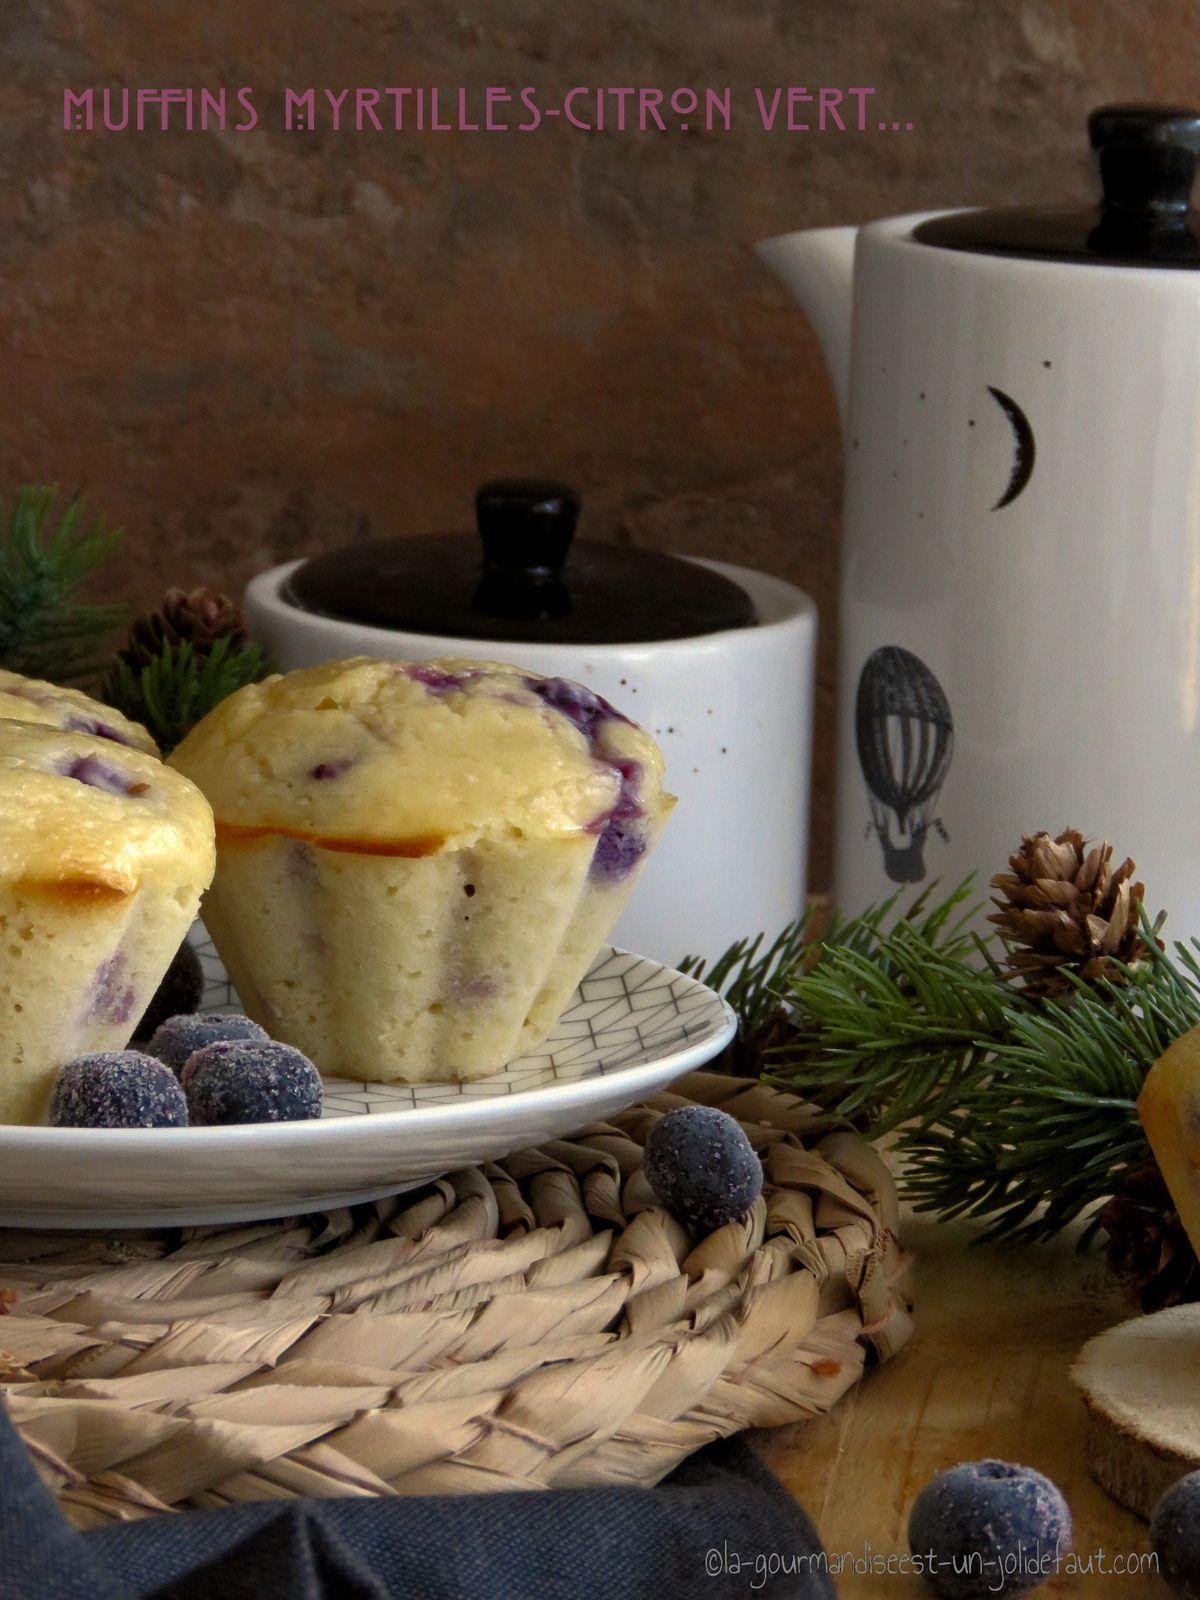 Muffins aux myrtilles et citron vert